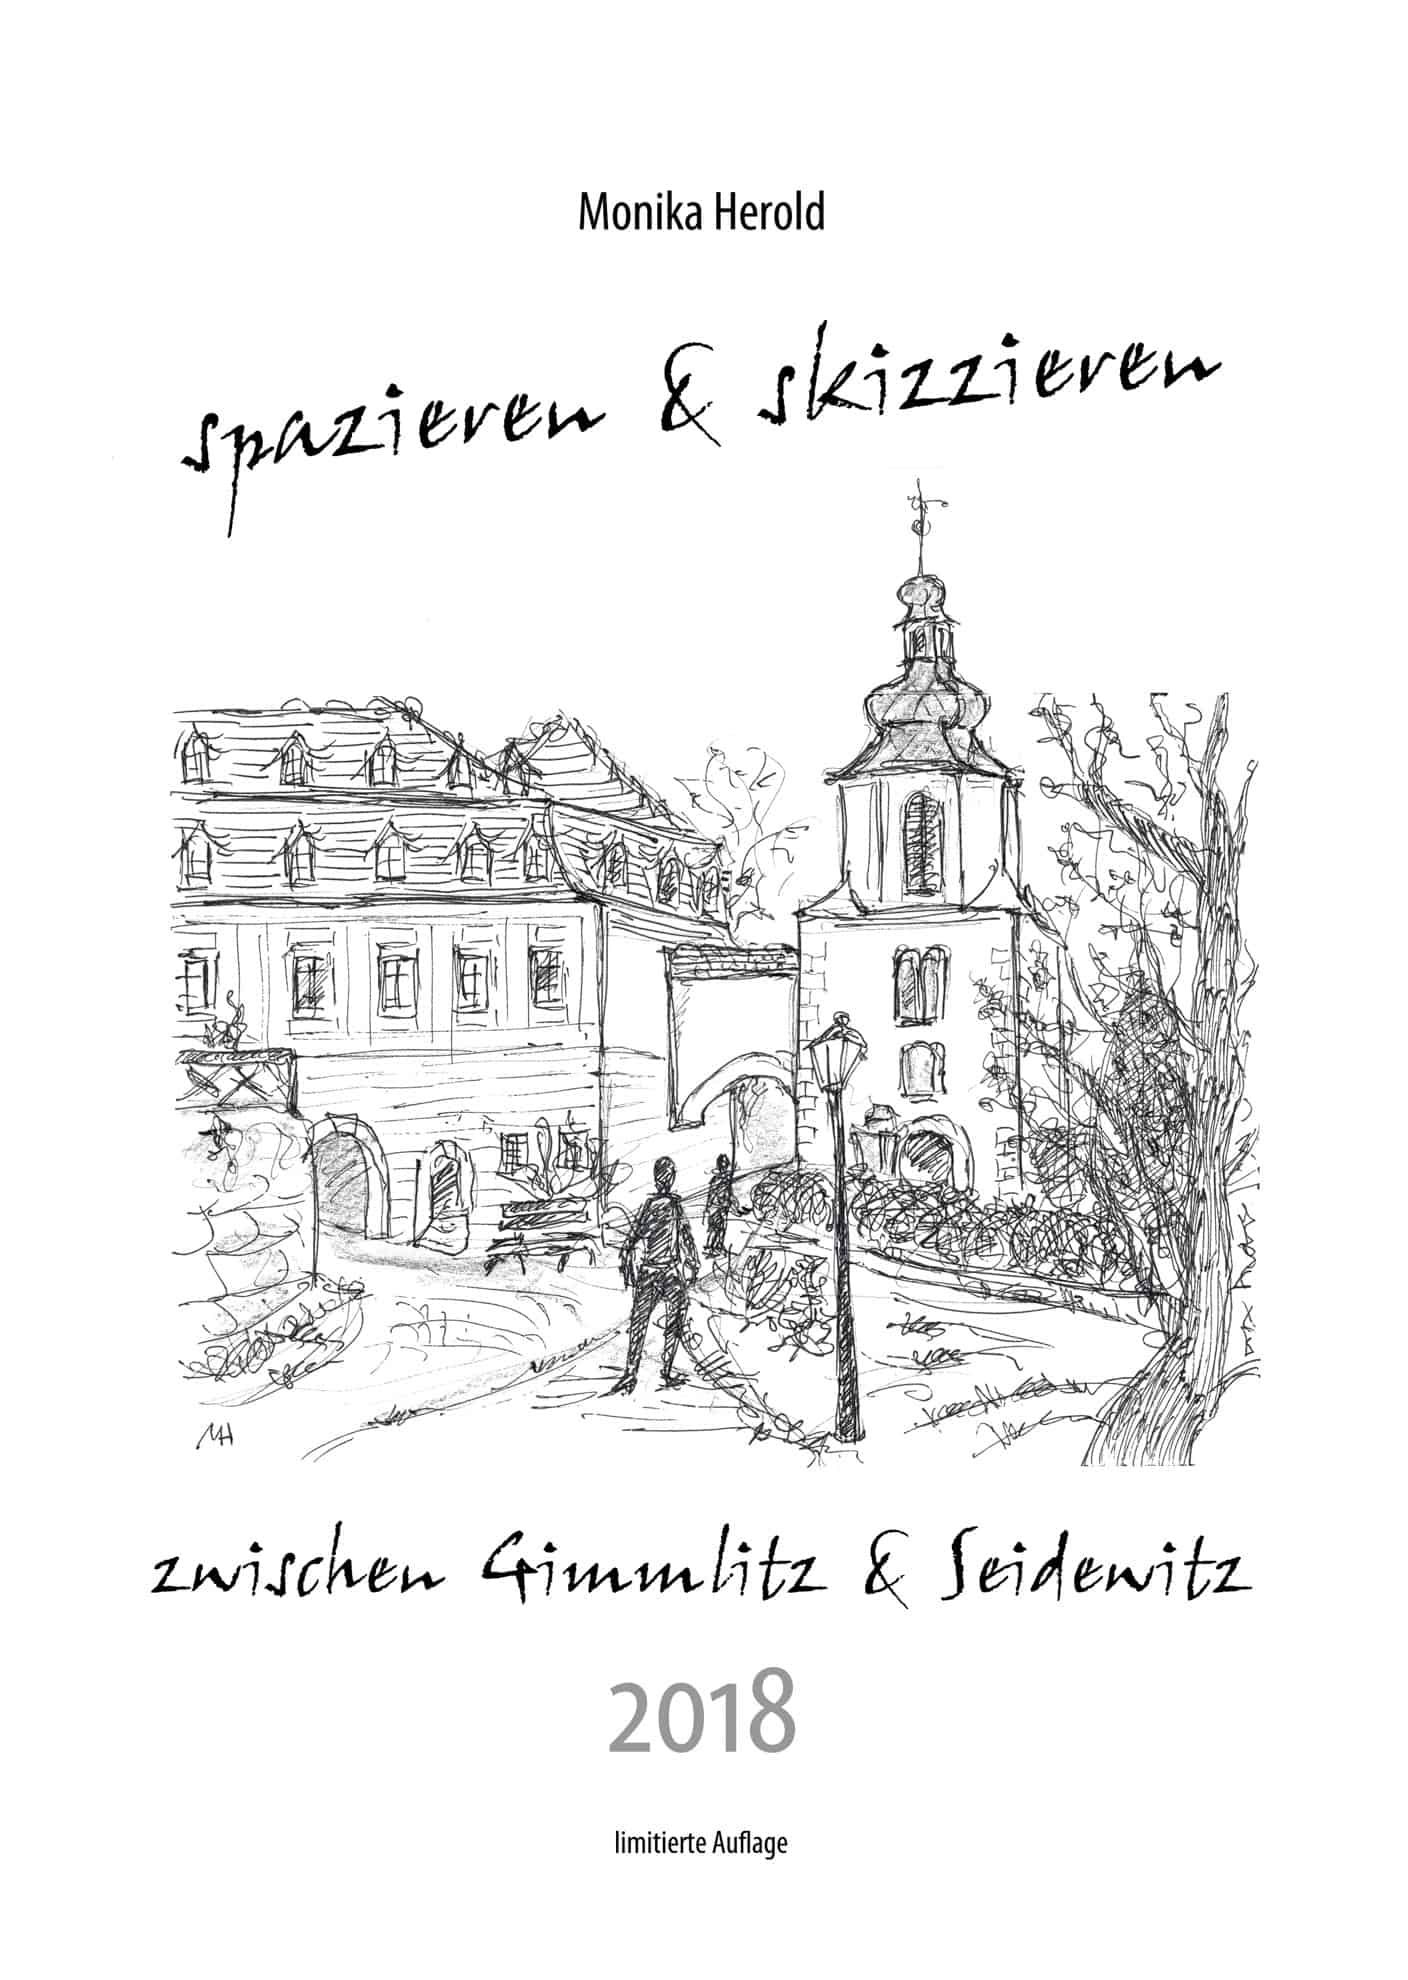 Skizze vom Landschloss Zuschendorf, Kalender 2018, Gimmlitz & Seidewitz